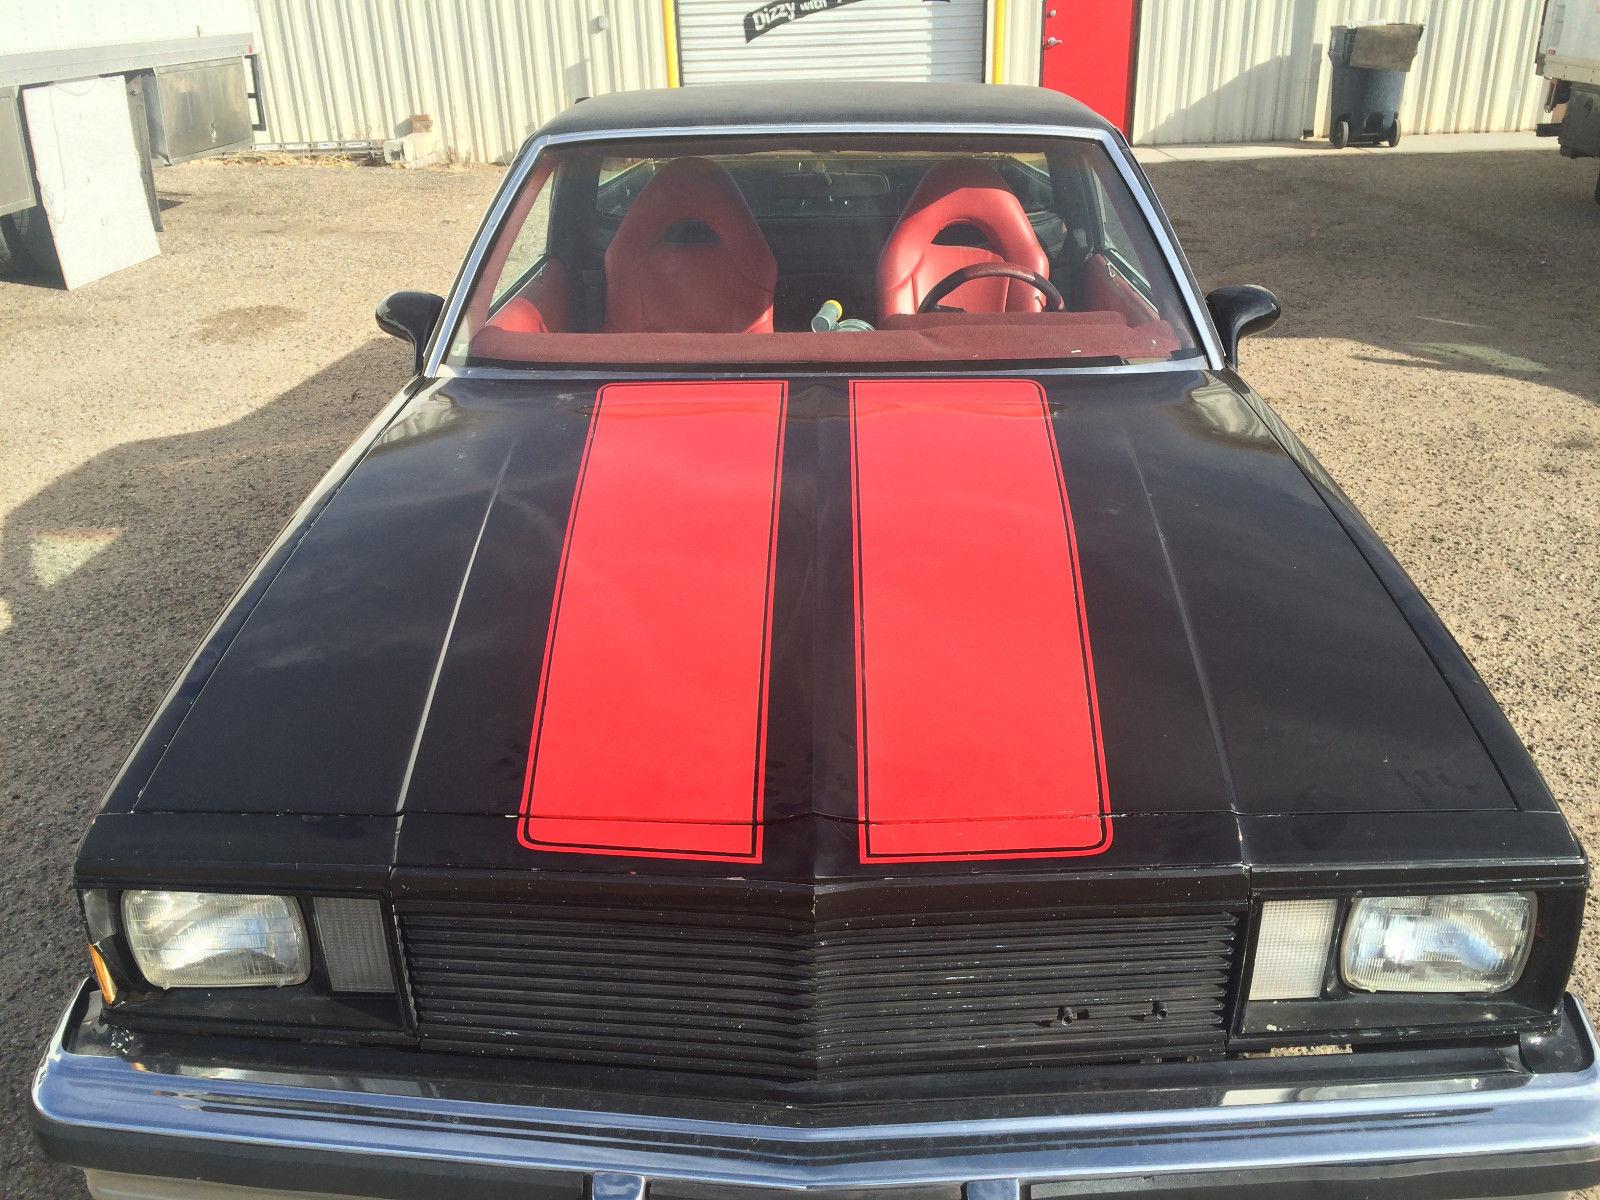 Used Cars Albuquerque >> Breaking Bad 1981 Chevrolet El Camino - Classic Chevrolet ...